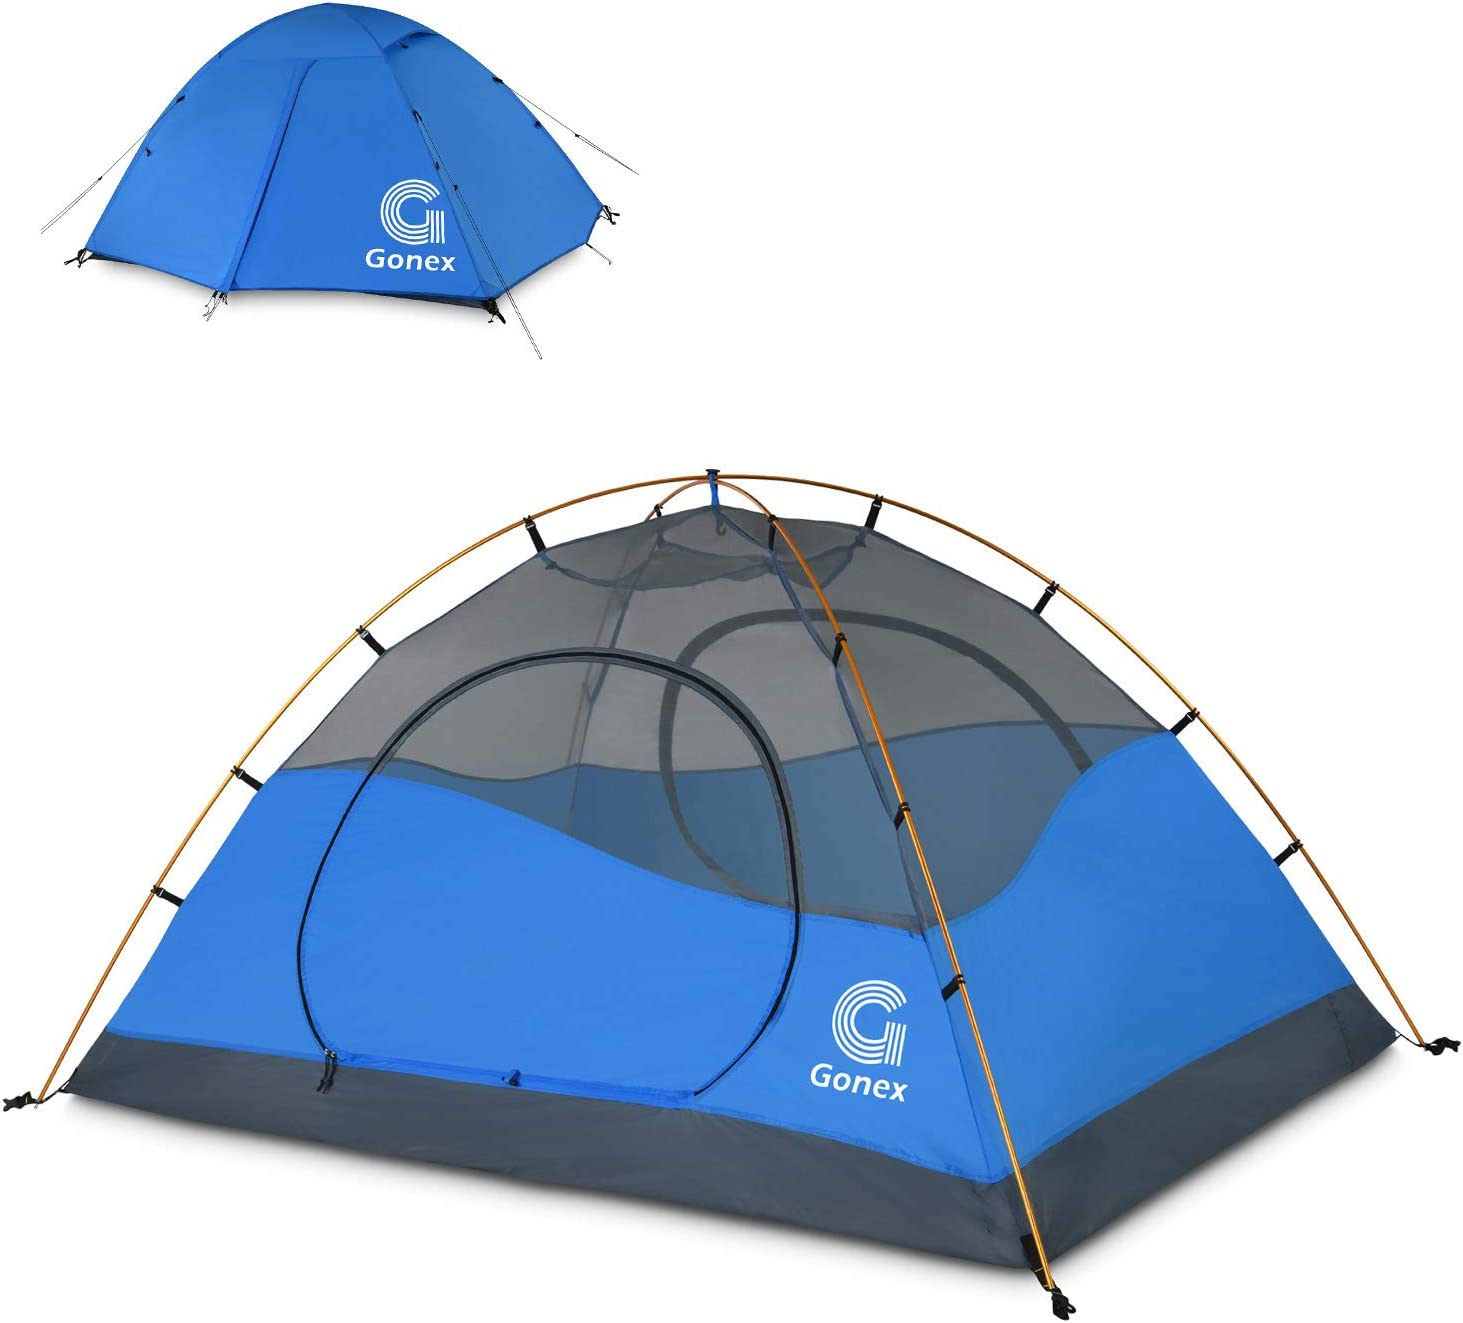 Gonex Tienda de Campaña 2 Personas, Tienda de Camping Ligero Impermeable Anti Viento, Tienda Domo para Senderismo Excursionismo Trekking Mochileros Montañismo Acampar Escalada Viaje, Fácil de Montar: Amazon.es: Deportes y aire libre